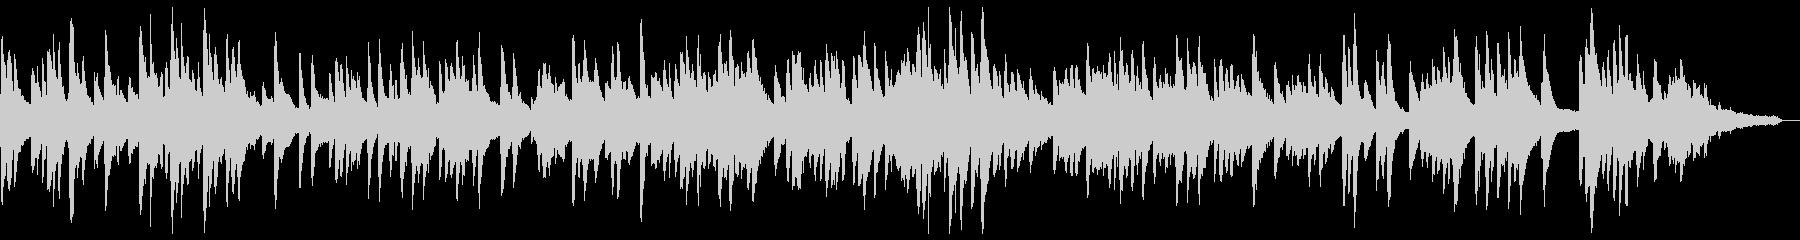 赤とんぼ ピアノソロ BGM 伴奏の未再生の波形